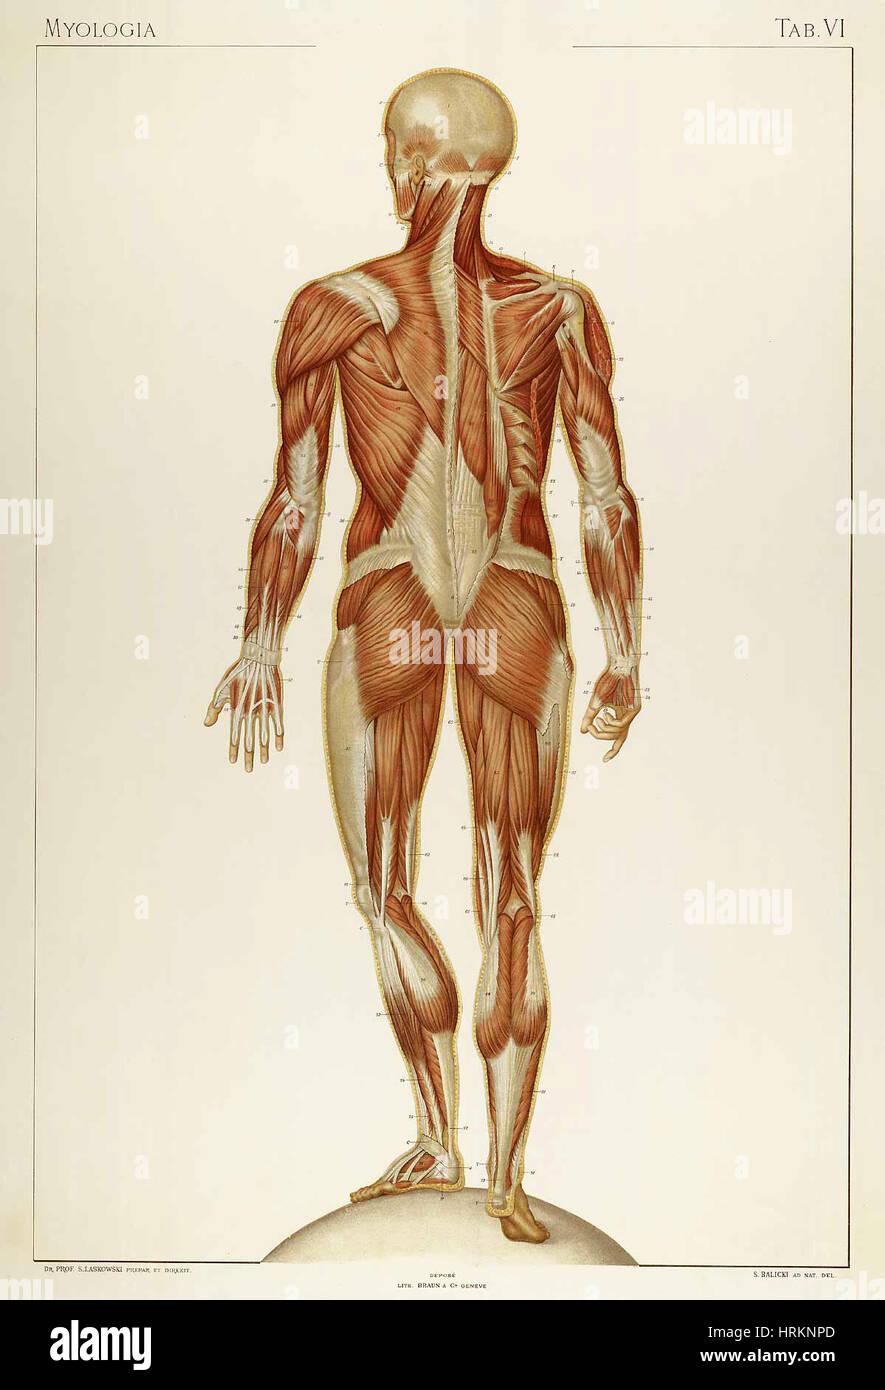 Historische anatomische Abbildung Stockbild